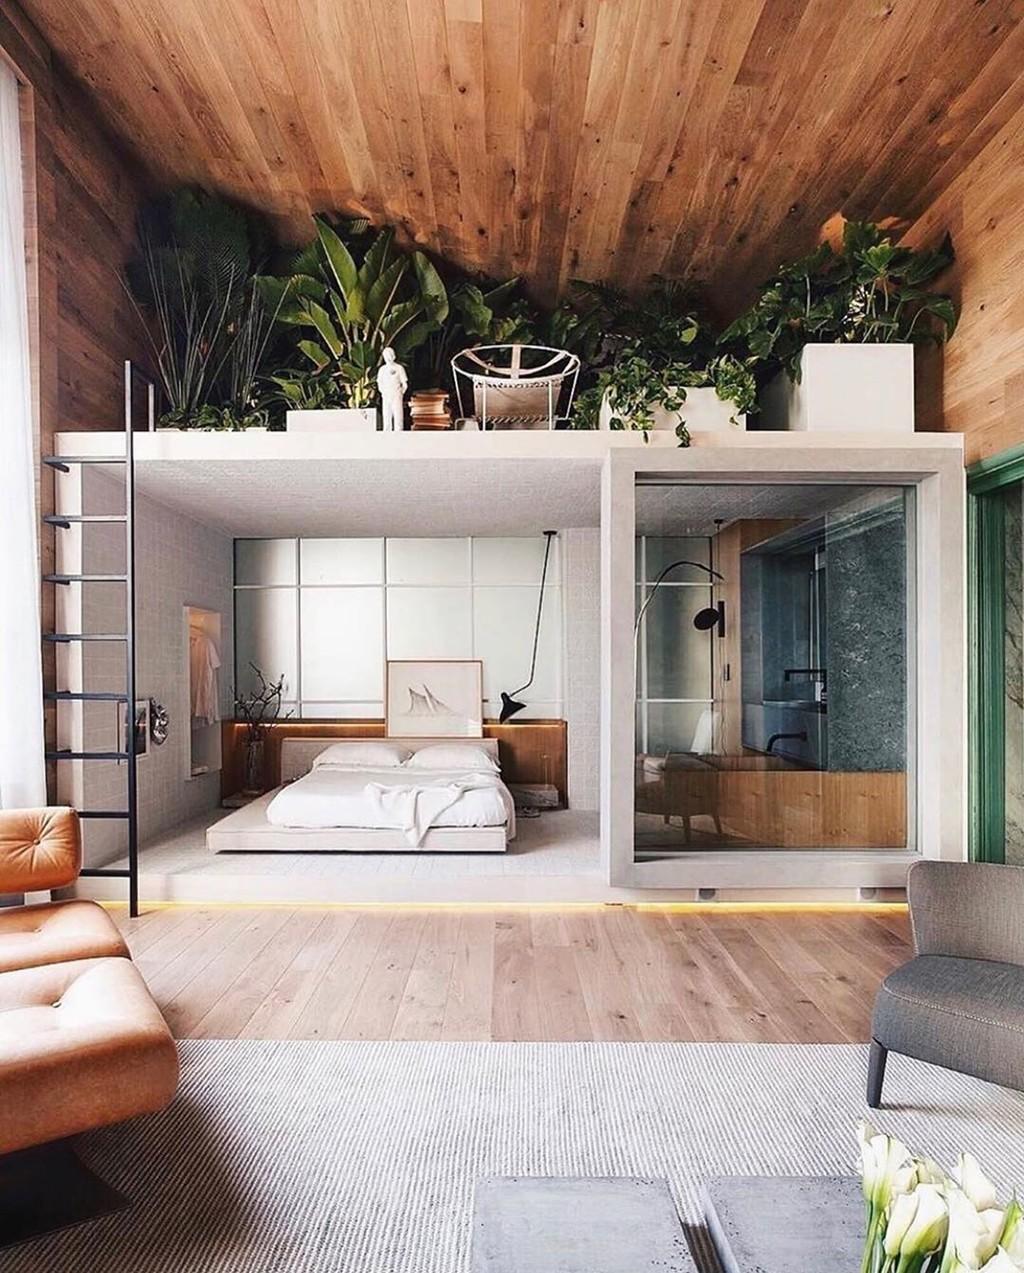 18 ideas inspiradoras que hemos visto en Instagram para optimizar el espacio de nuestras casas